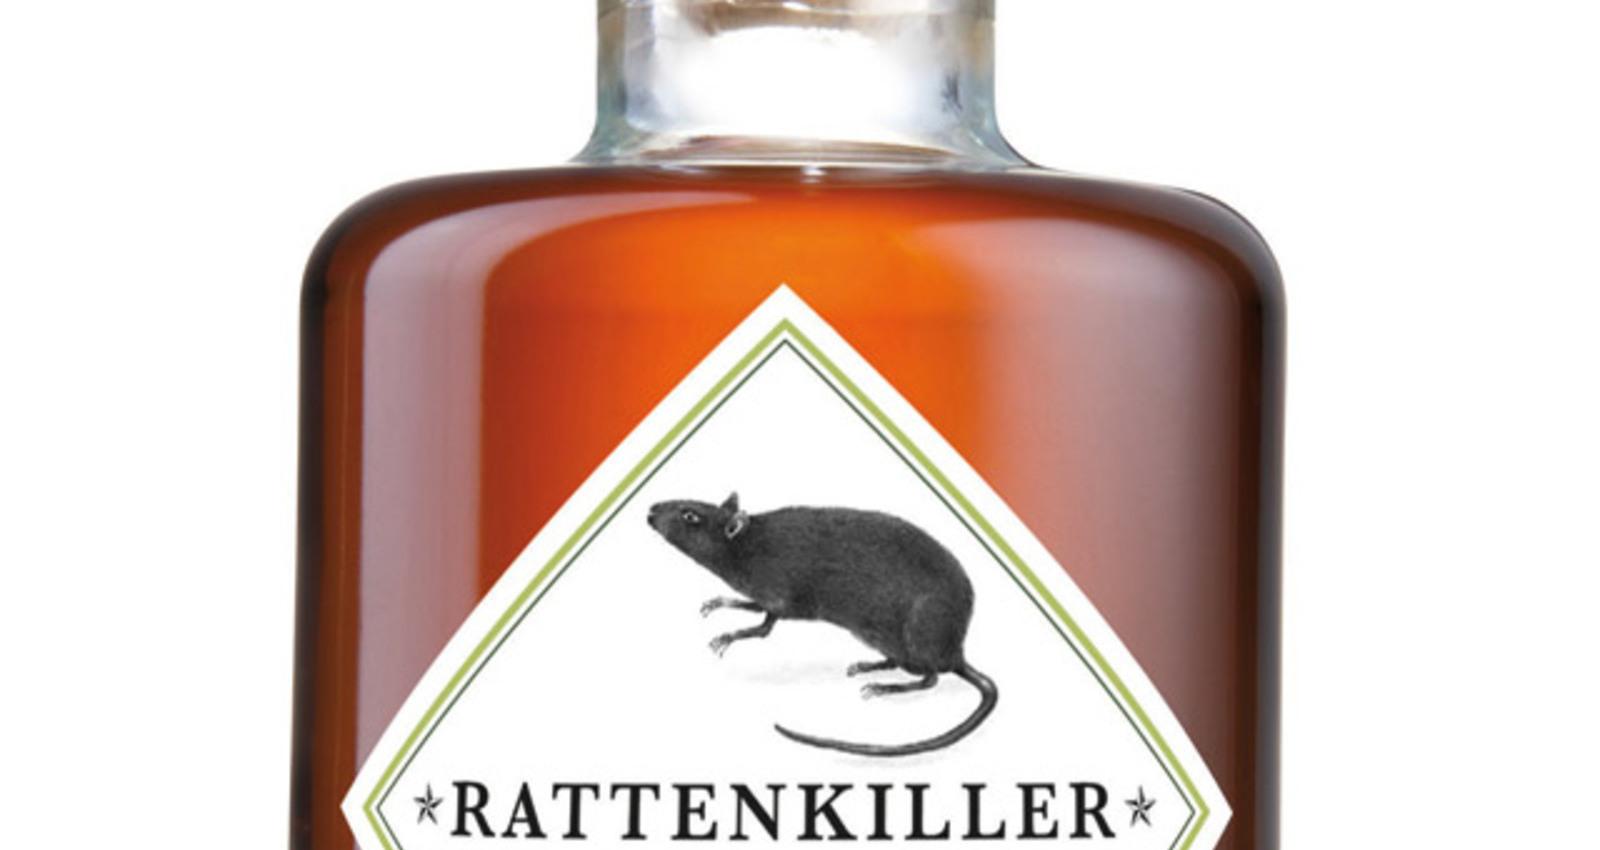 Rattenkiller